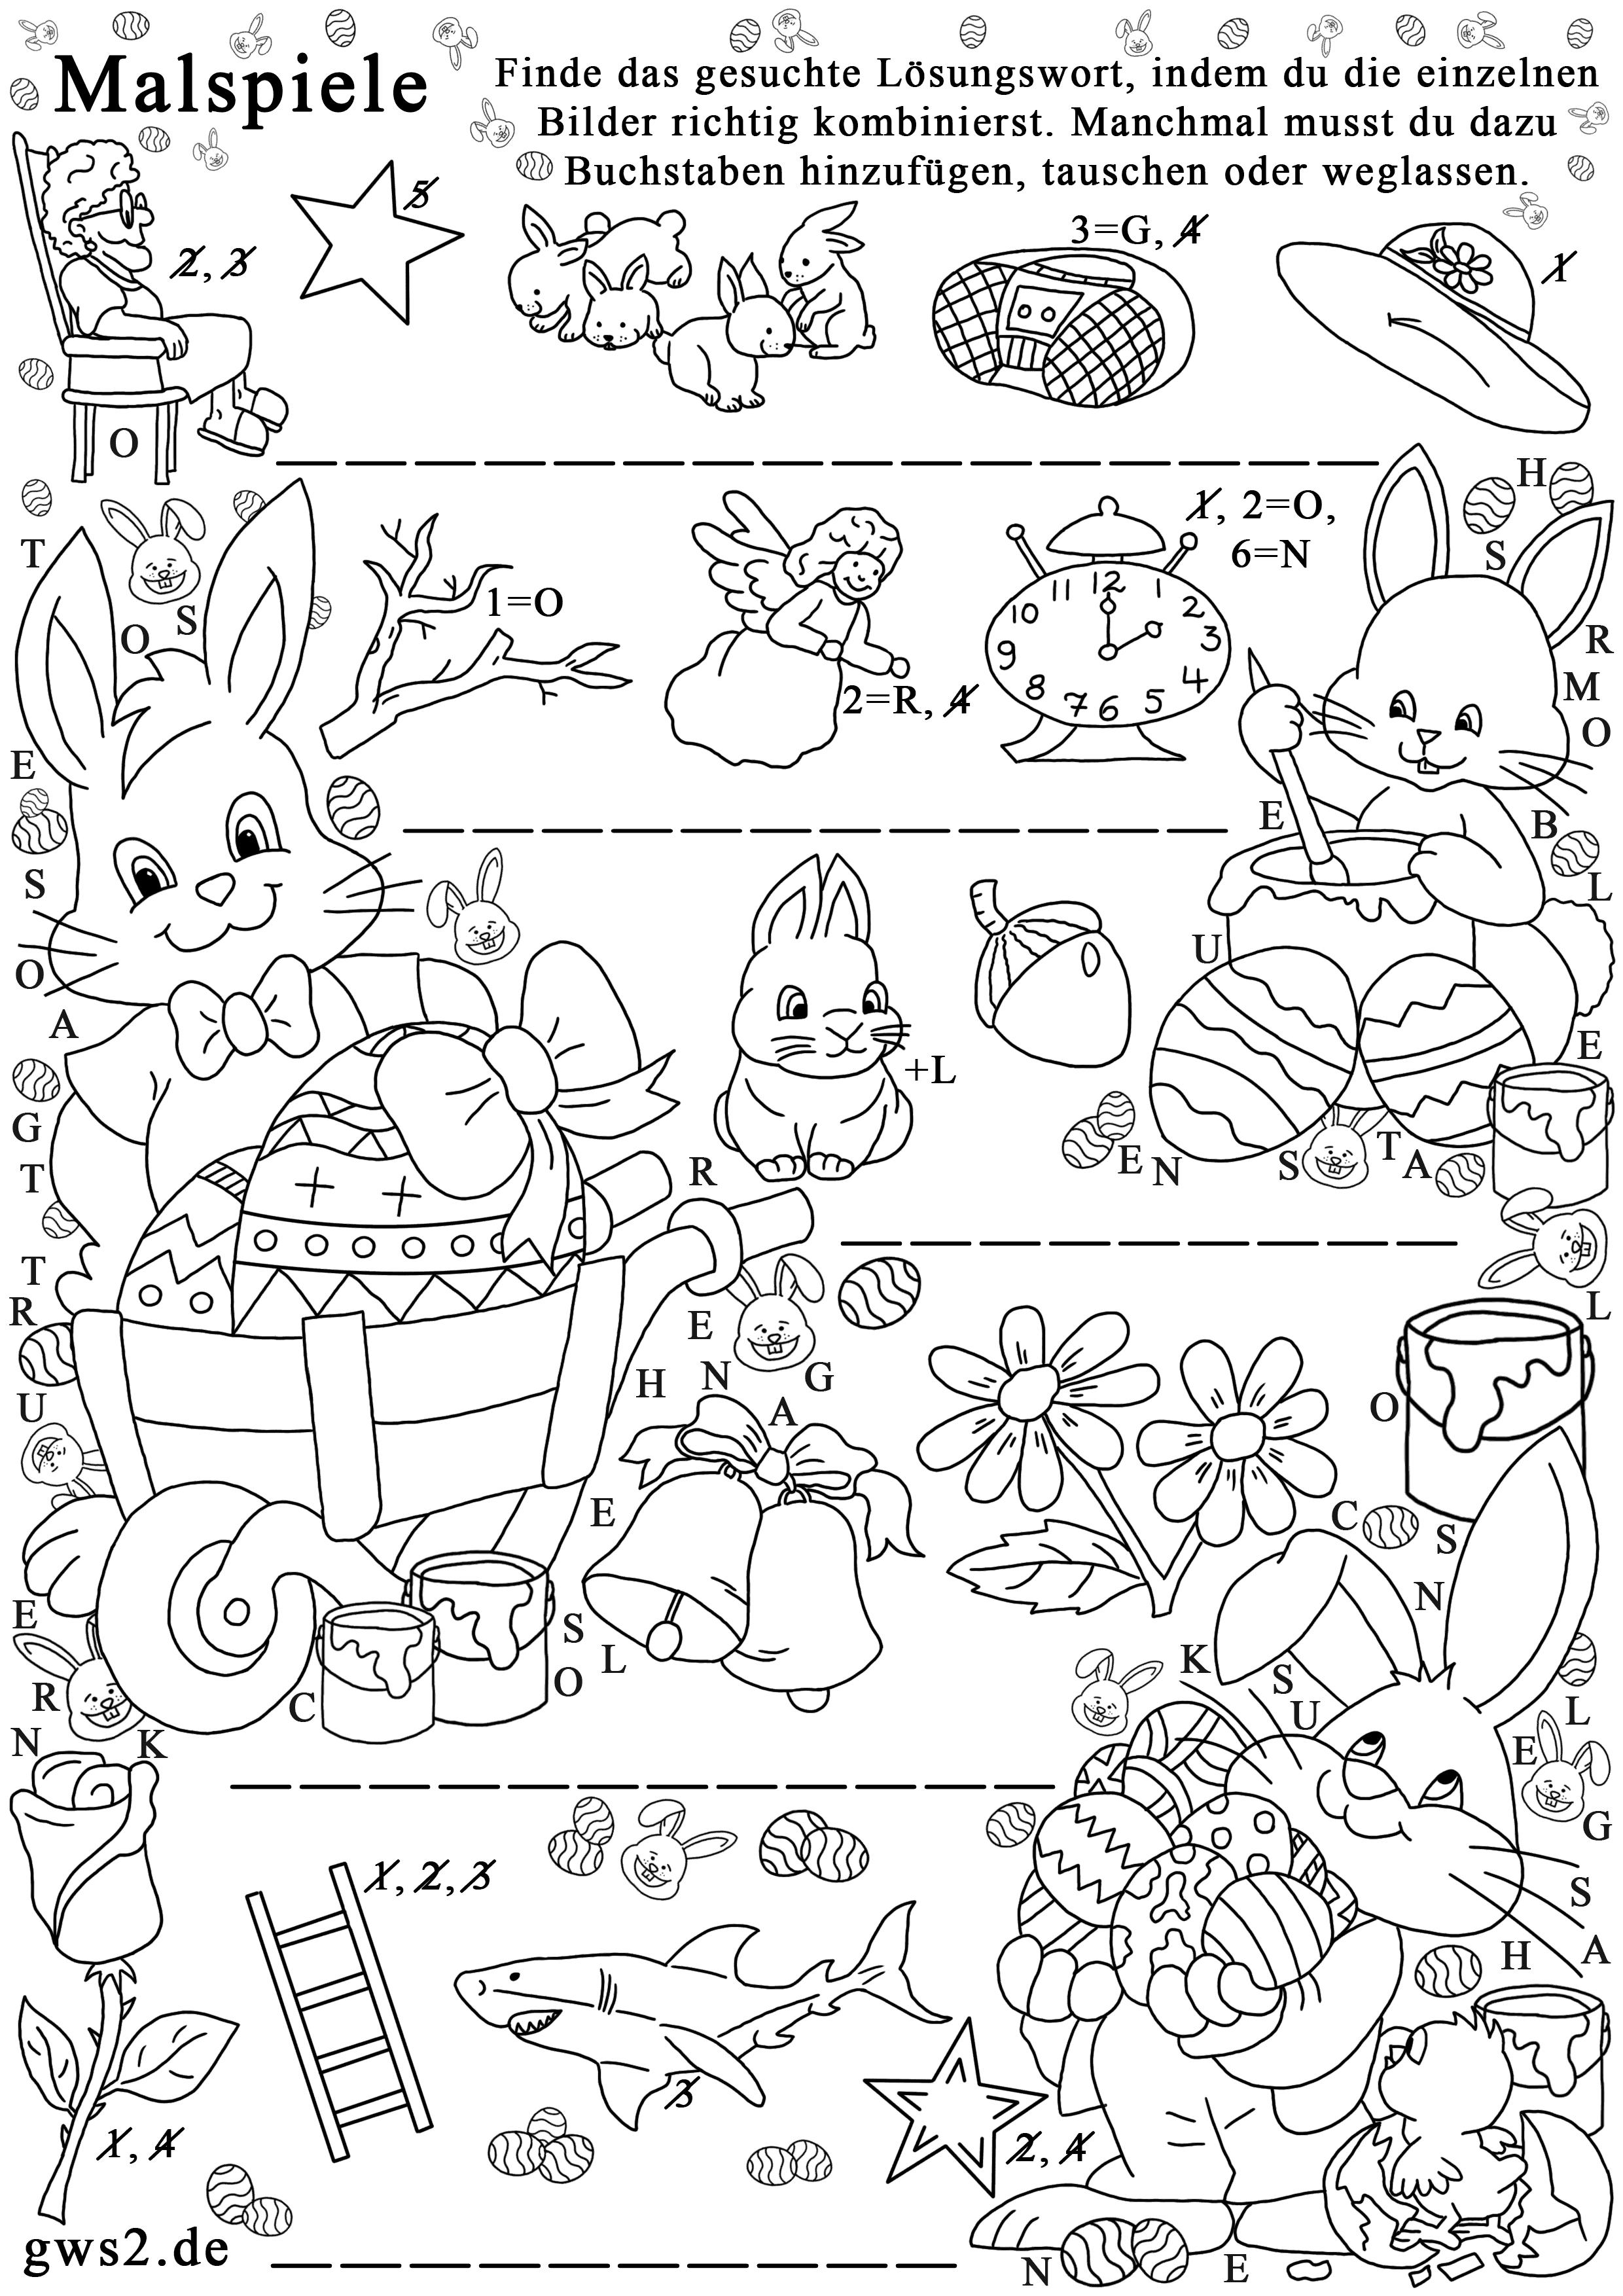 Osterhasen zum Ausmalen - Rätselspiel für Kinder